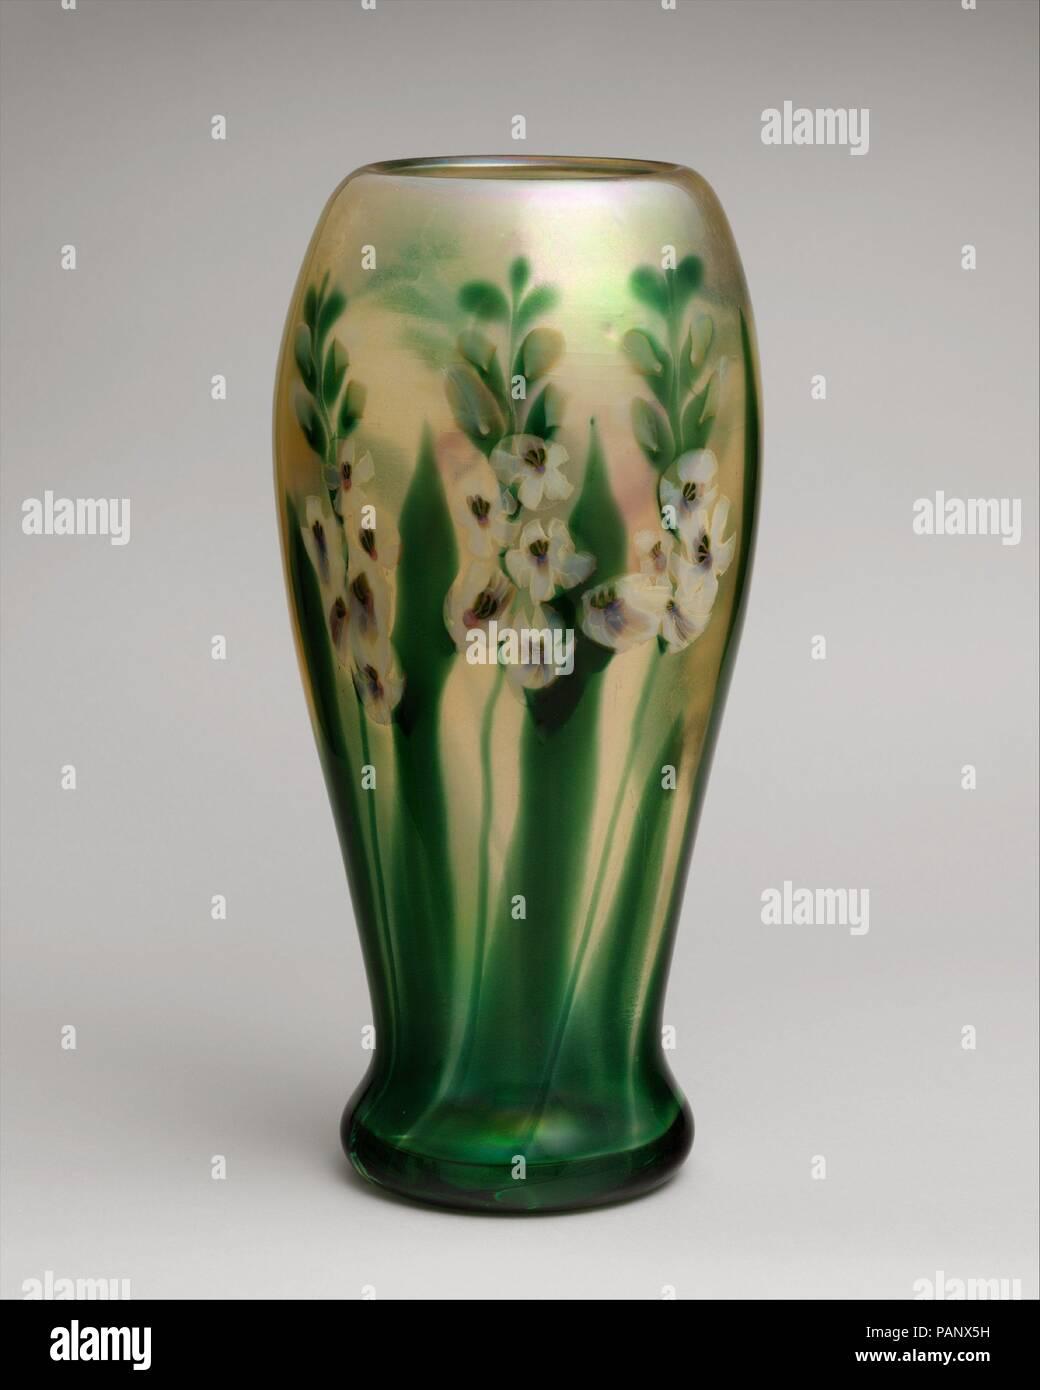 Vase. Culture: American. Designer: Designed by Louis Comfort Tiffany (American, New York 1848-1933 New York). Dimensions: 16 7/16in. h. (41.8cm)  Body diameter: 8 in. (20.3 cm)  Foot diameter: 5 7/8 in. (14.9 cm). Maker: Tiffany Furnaces. Date: ca. 1909. Museum: Metropolitan Museum of Art, New York, USA. - Stock Image